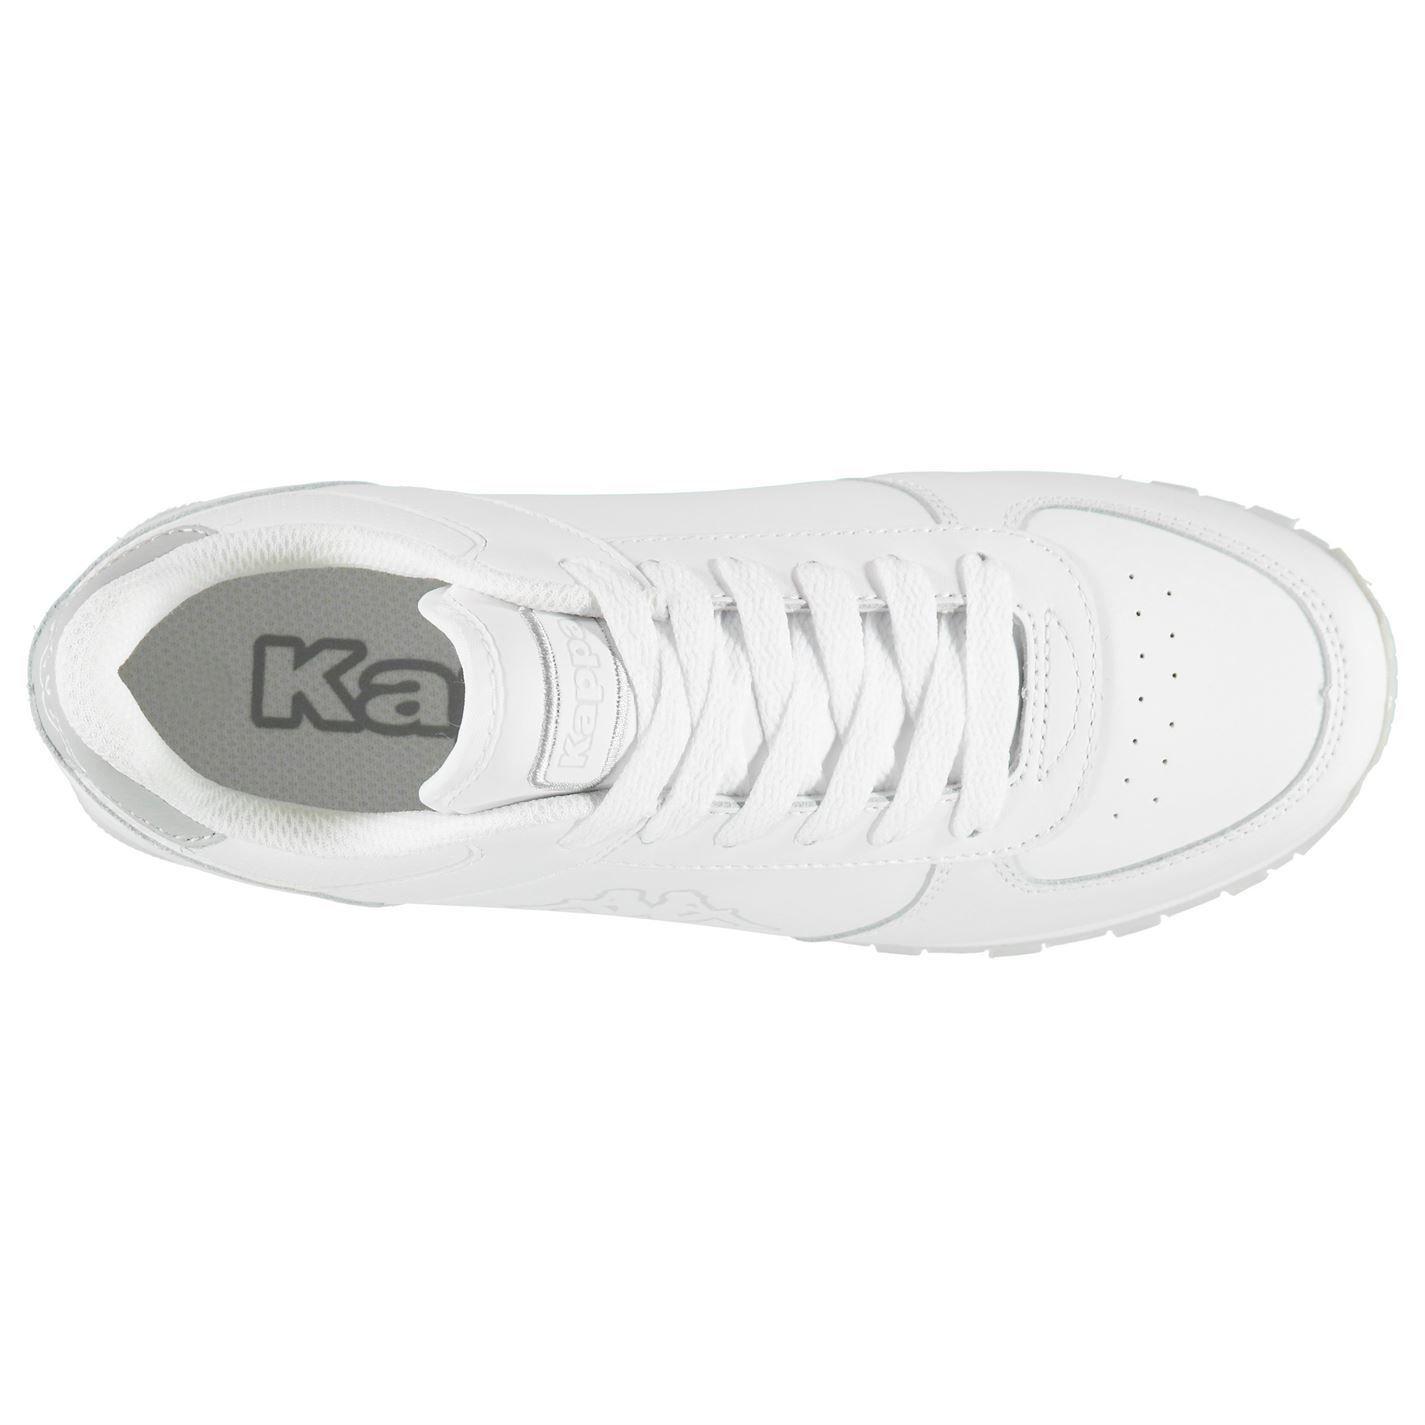 Officiel Chaussures Kappa Persaro DLX Baskets pour femme